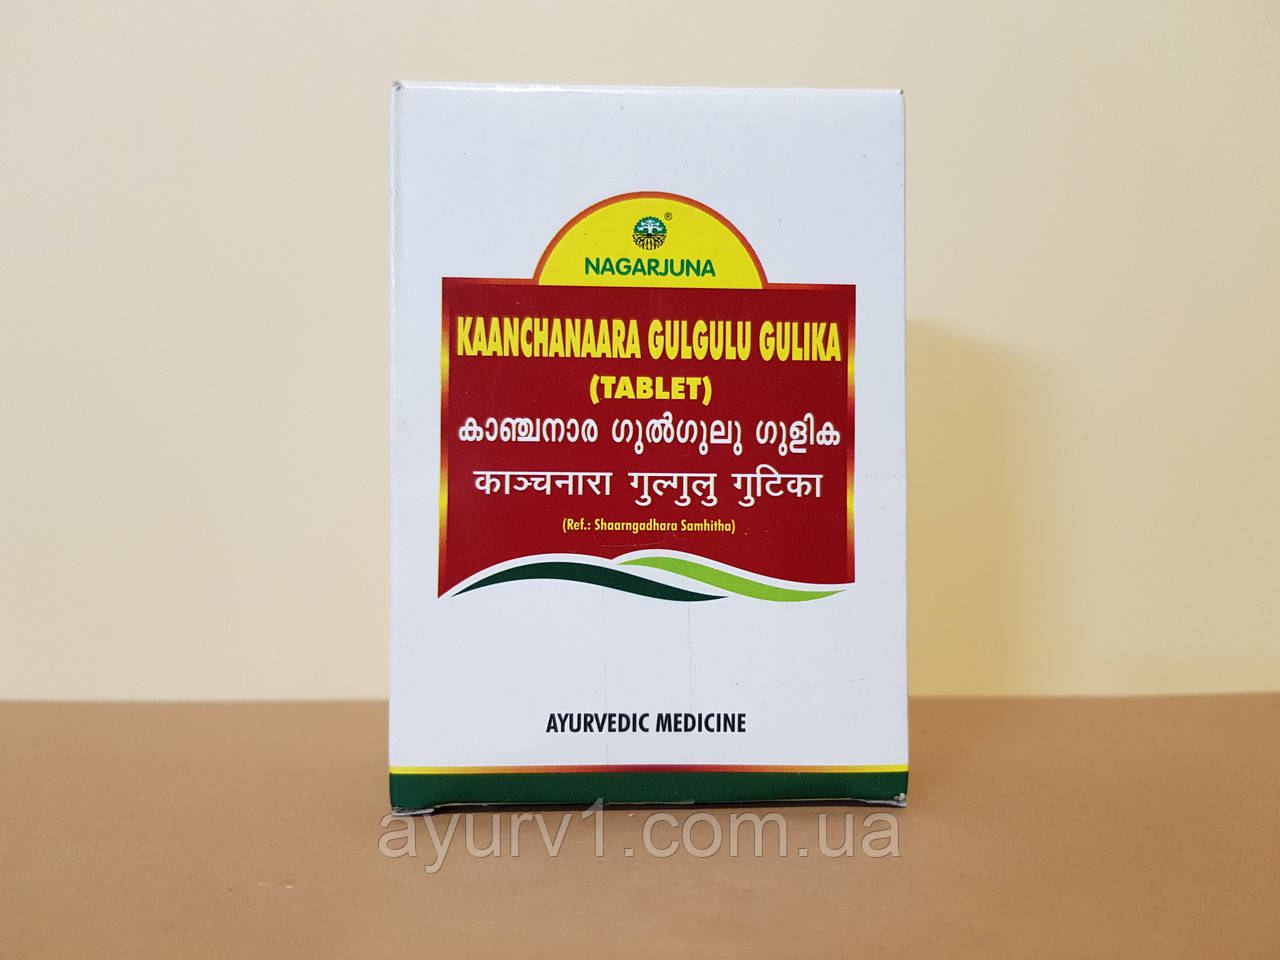 Канчнар Гуггул Гулика Нагарджуна (Kaanchanaara Gulgulu Gulika Nagarjuna) / 100 таб